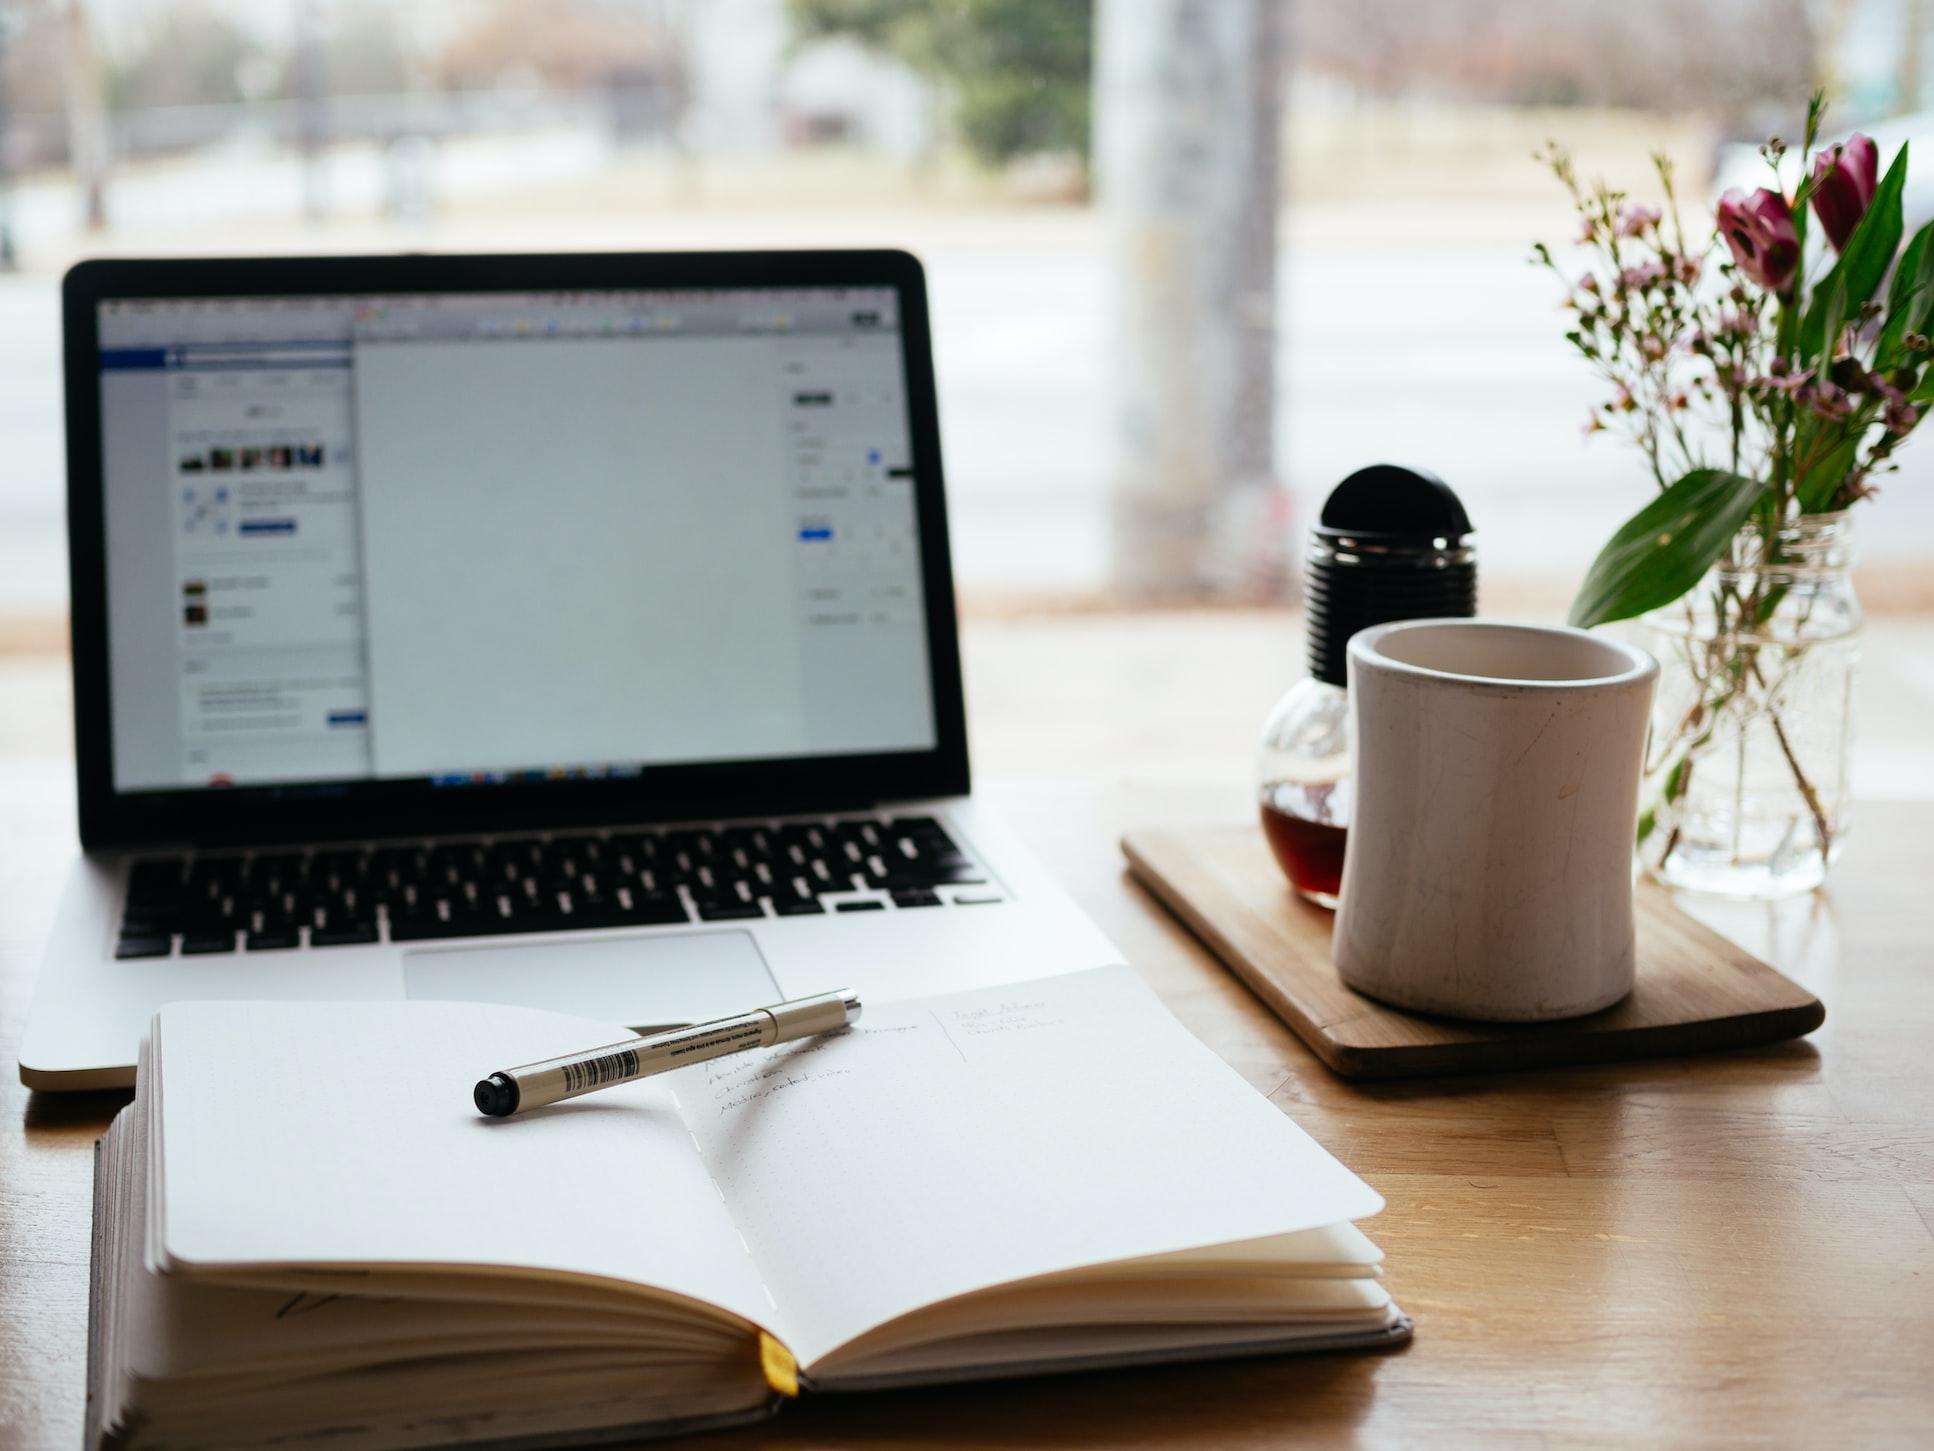 10 เทคนิค การเขียนบทความ / เขียนบล็อก ให้ประสบความสำเร็จ